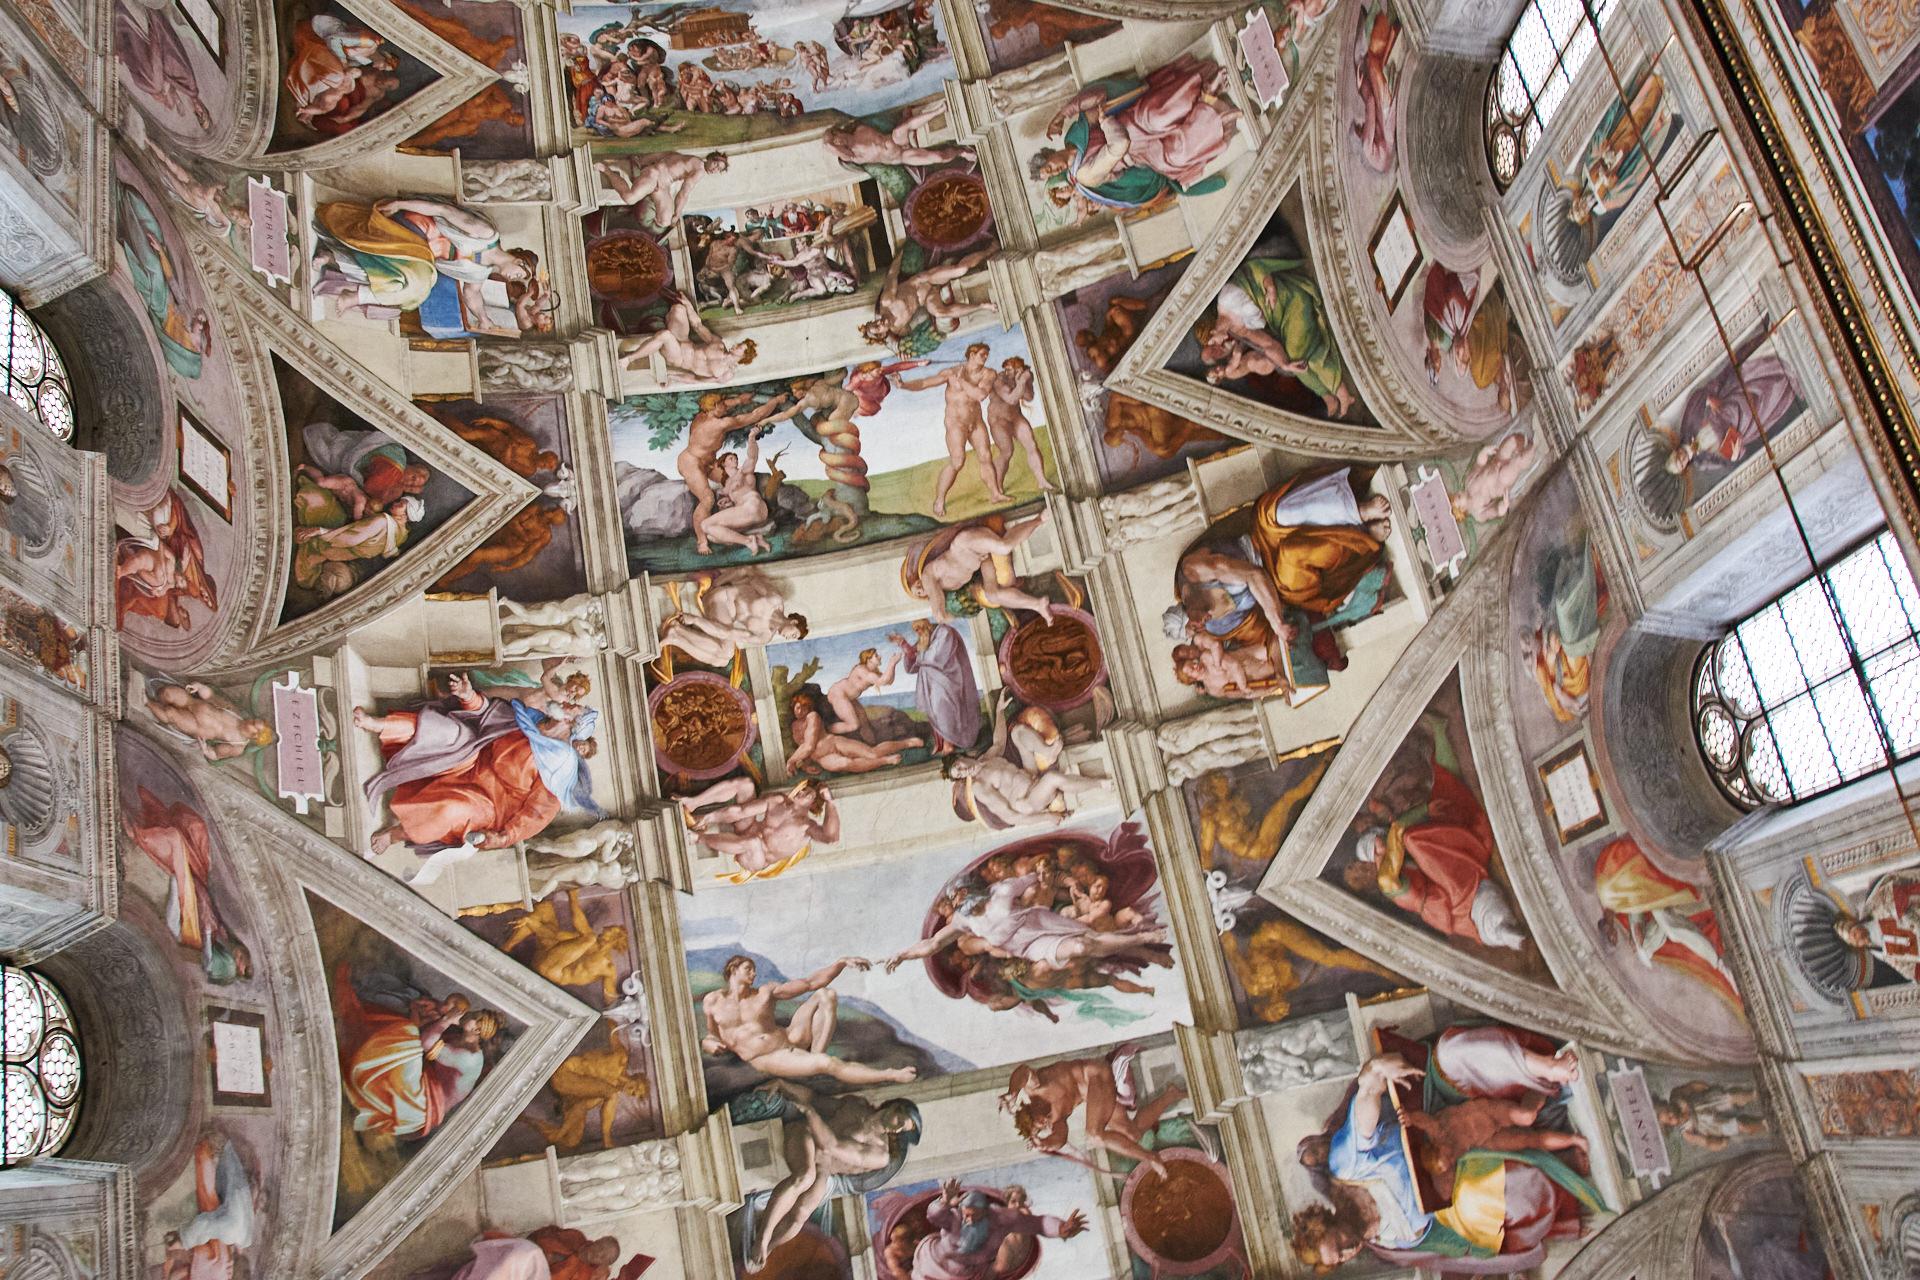 Museos del Vaticano - Roma - José Álvarez Fotografía